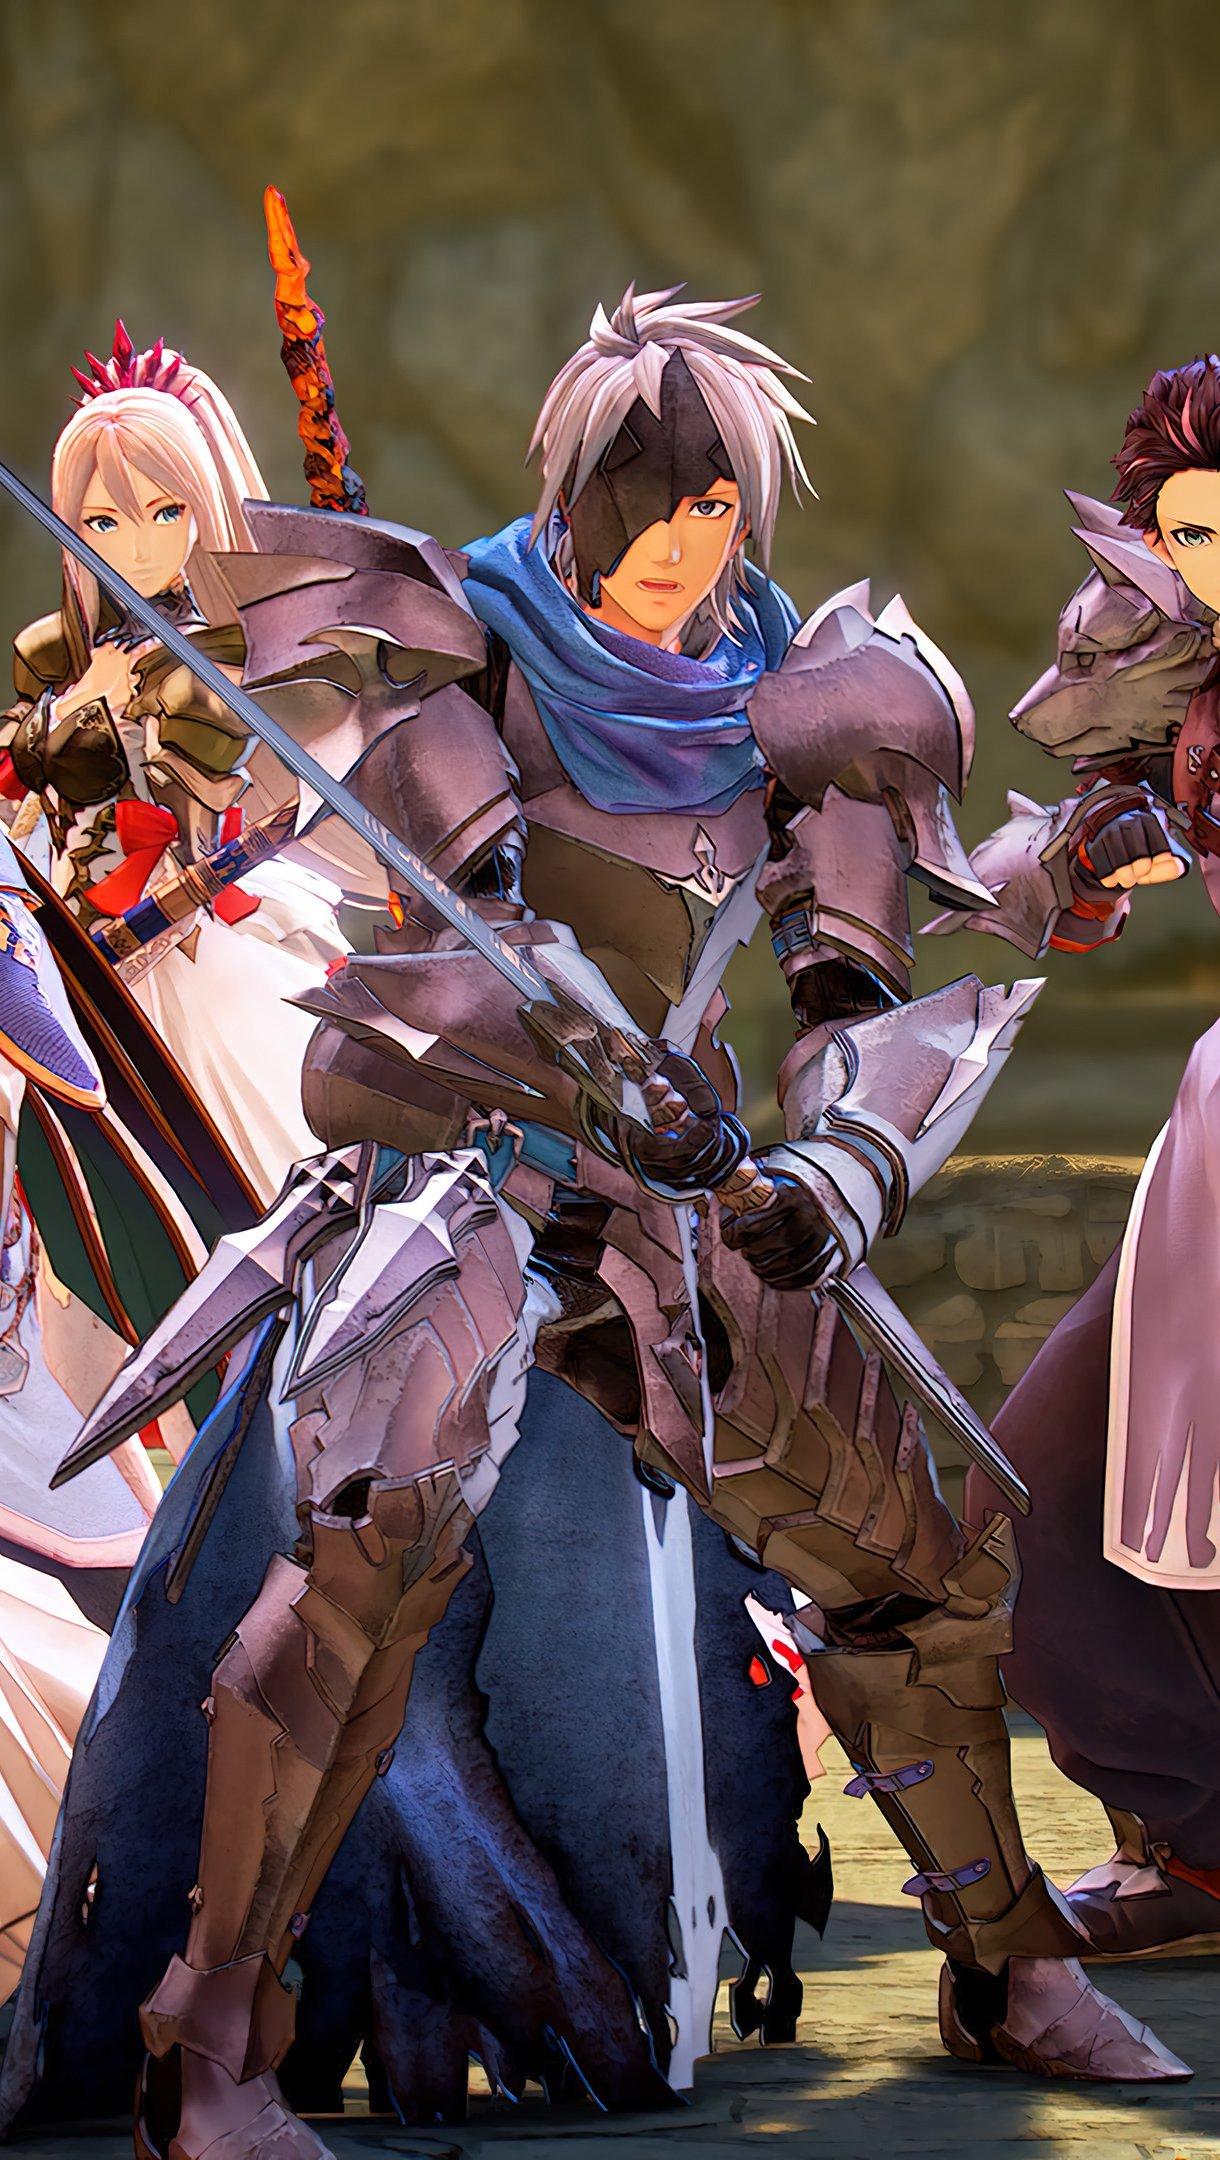 Fondos de pantalla Todos los personajes de Tales of Arise Vertical